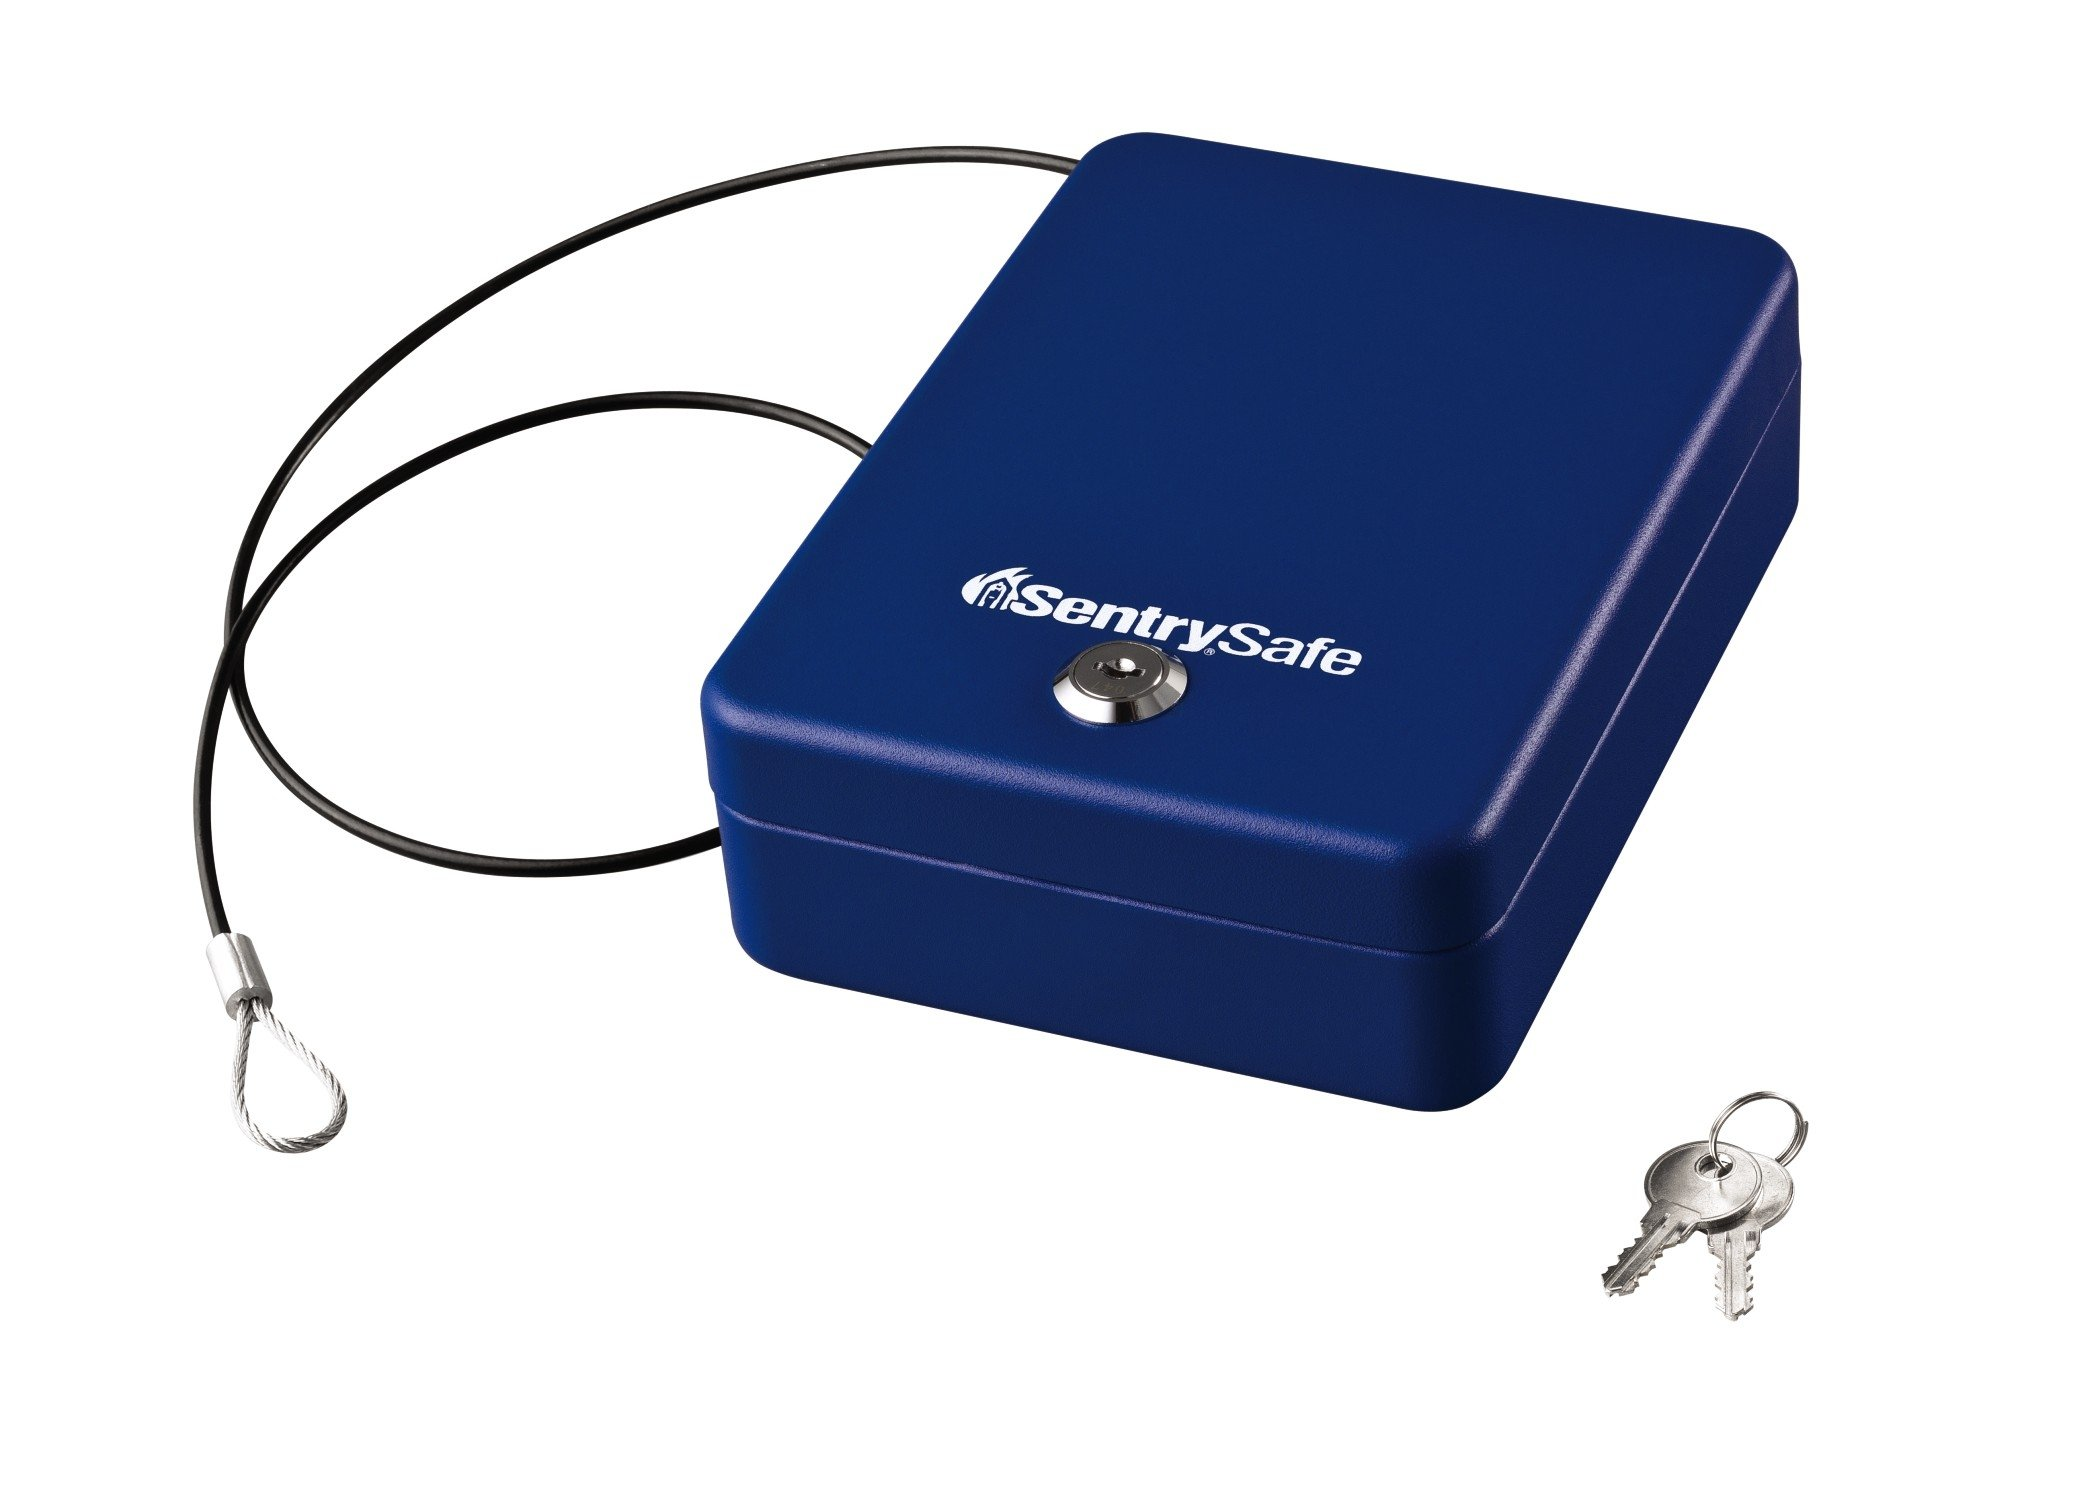 SentrySafe P005KBL 0.05 Cubic Foot Keyed Compact Safe, Blue